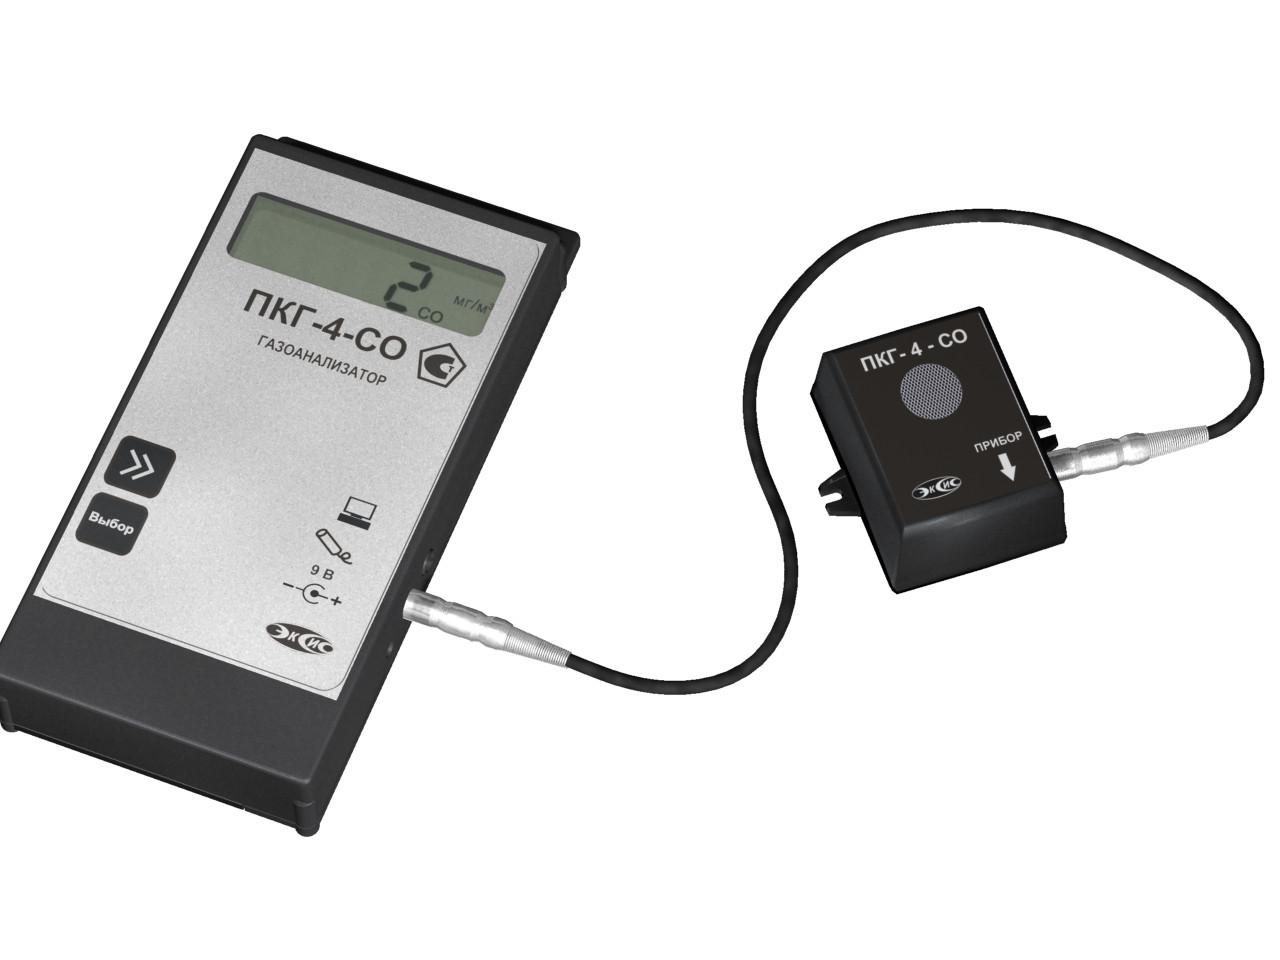 Измерение угарного газа, диоксида углерода и кислорода фото